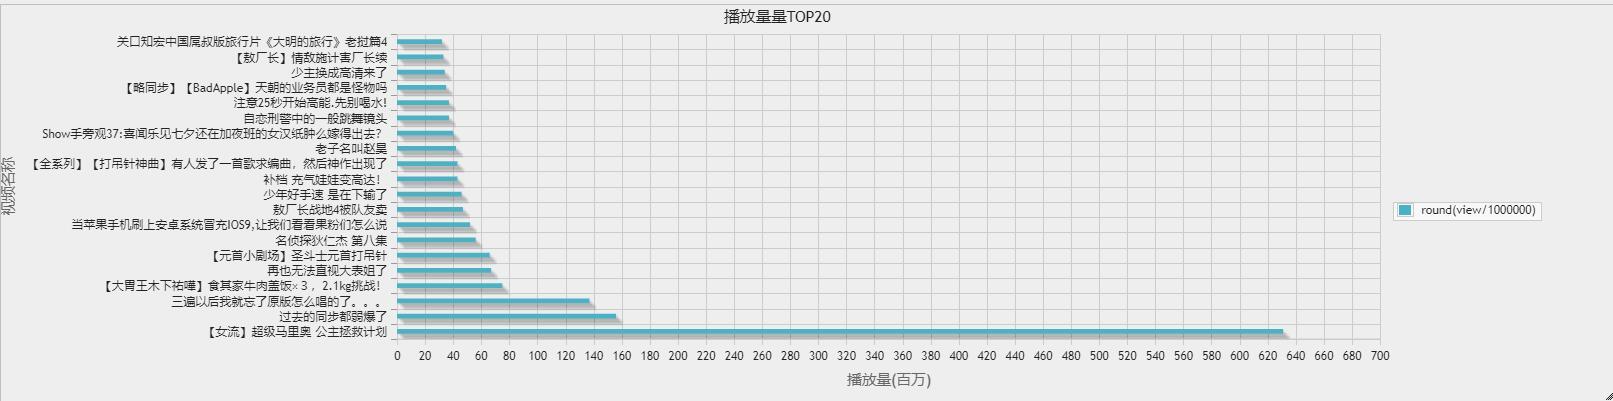 播放量TOP20视频